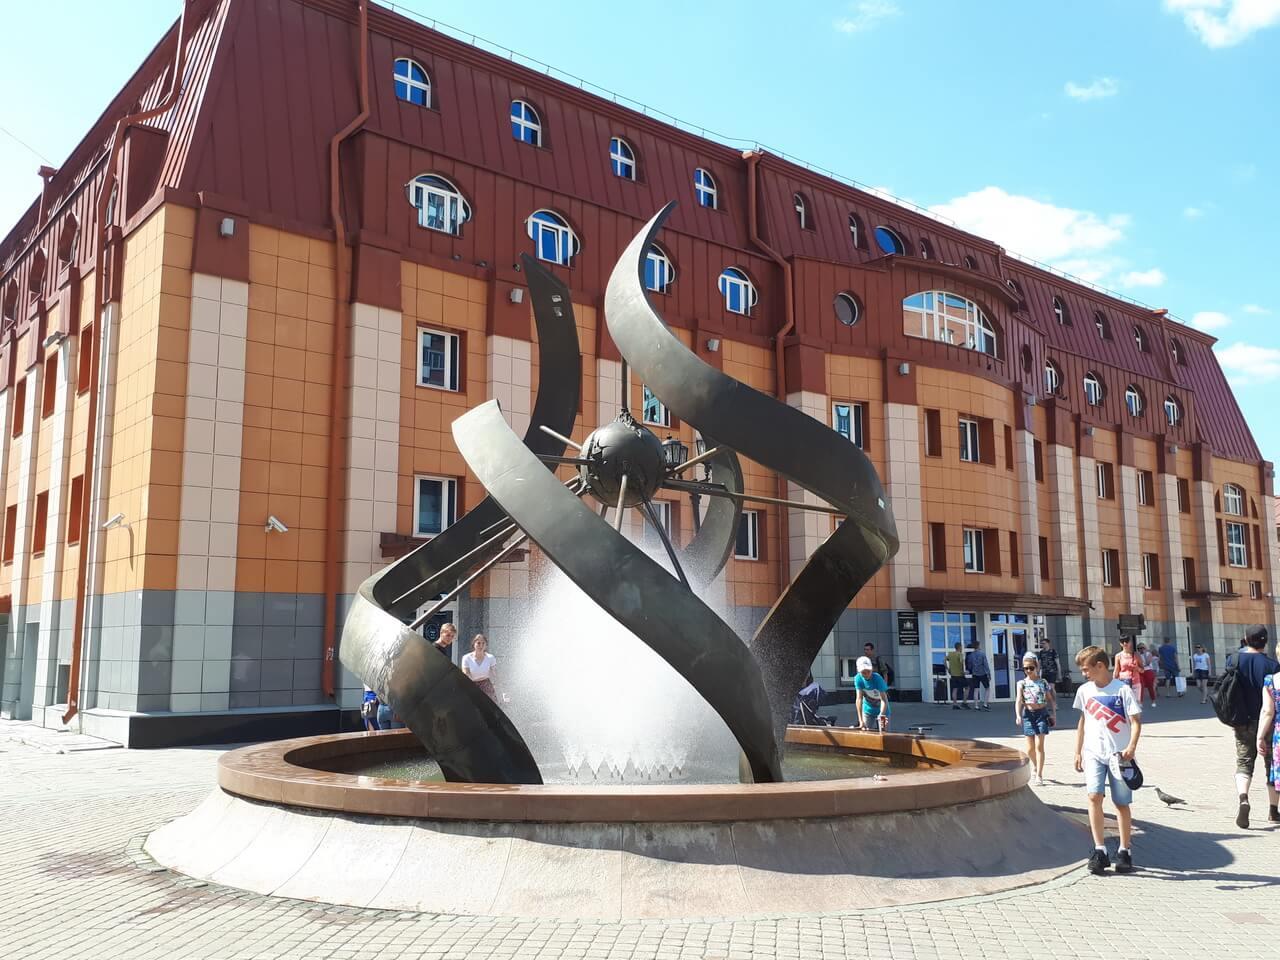 Фонтан «Машина времени» (Спирали времени), Вайнера, Екатеринбург